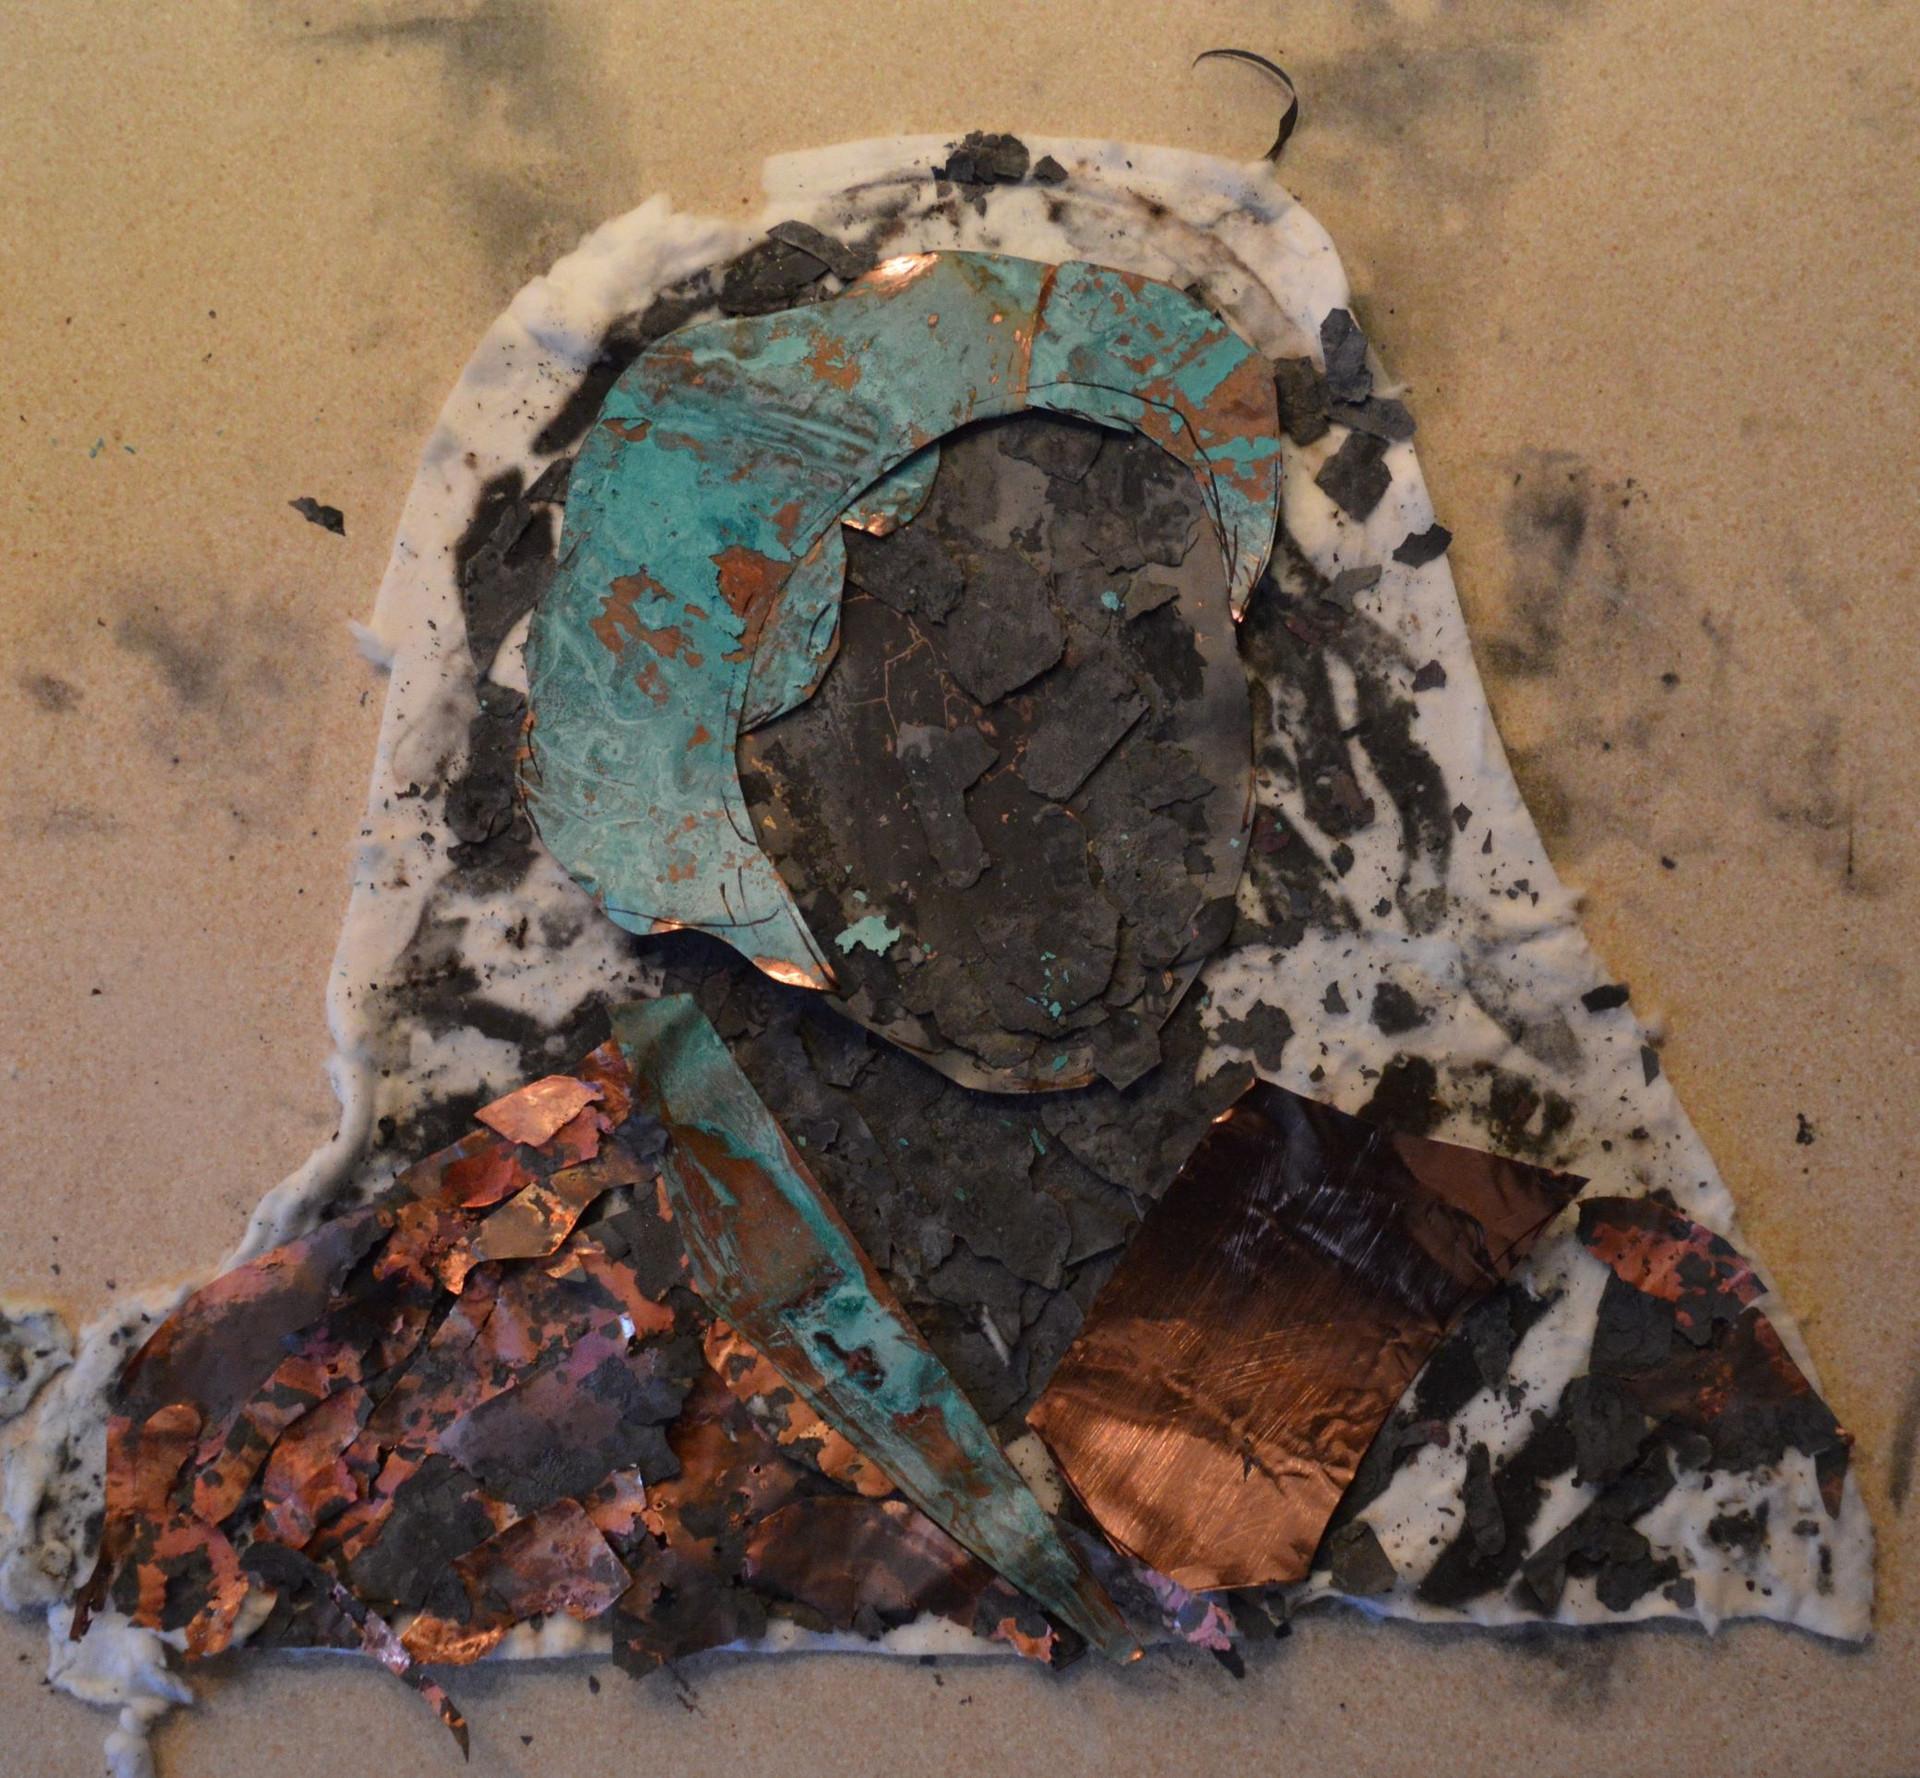 Copper and copper oxide